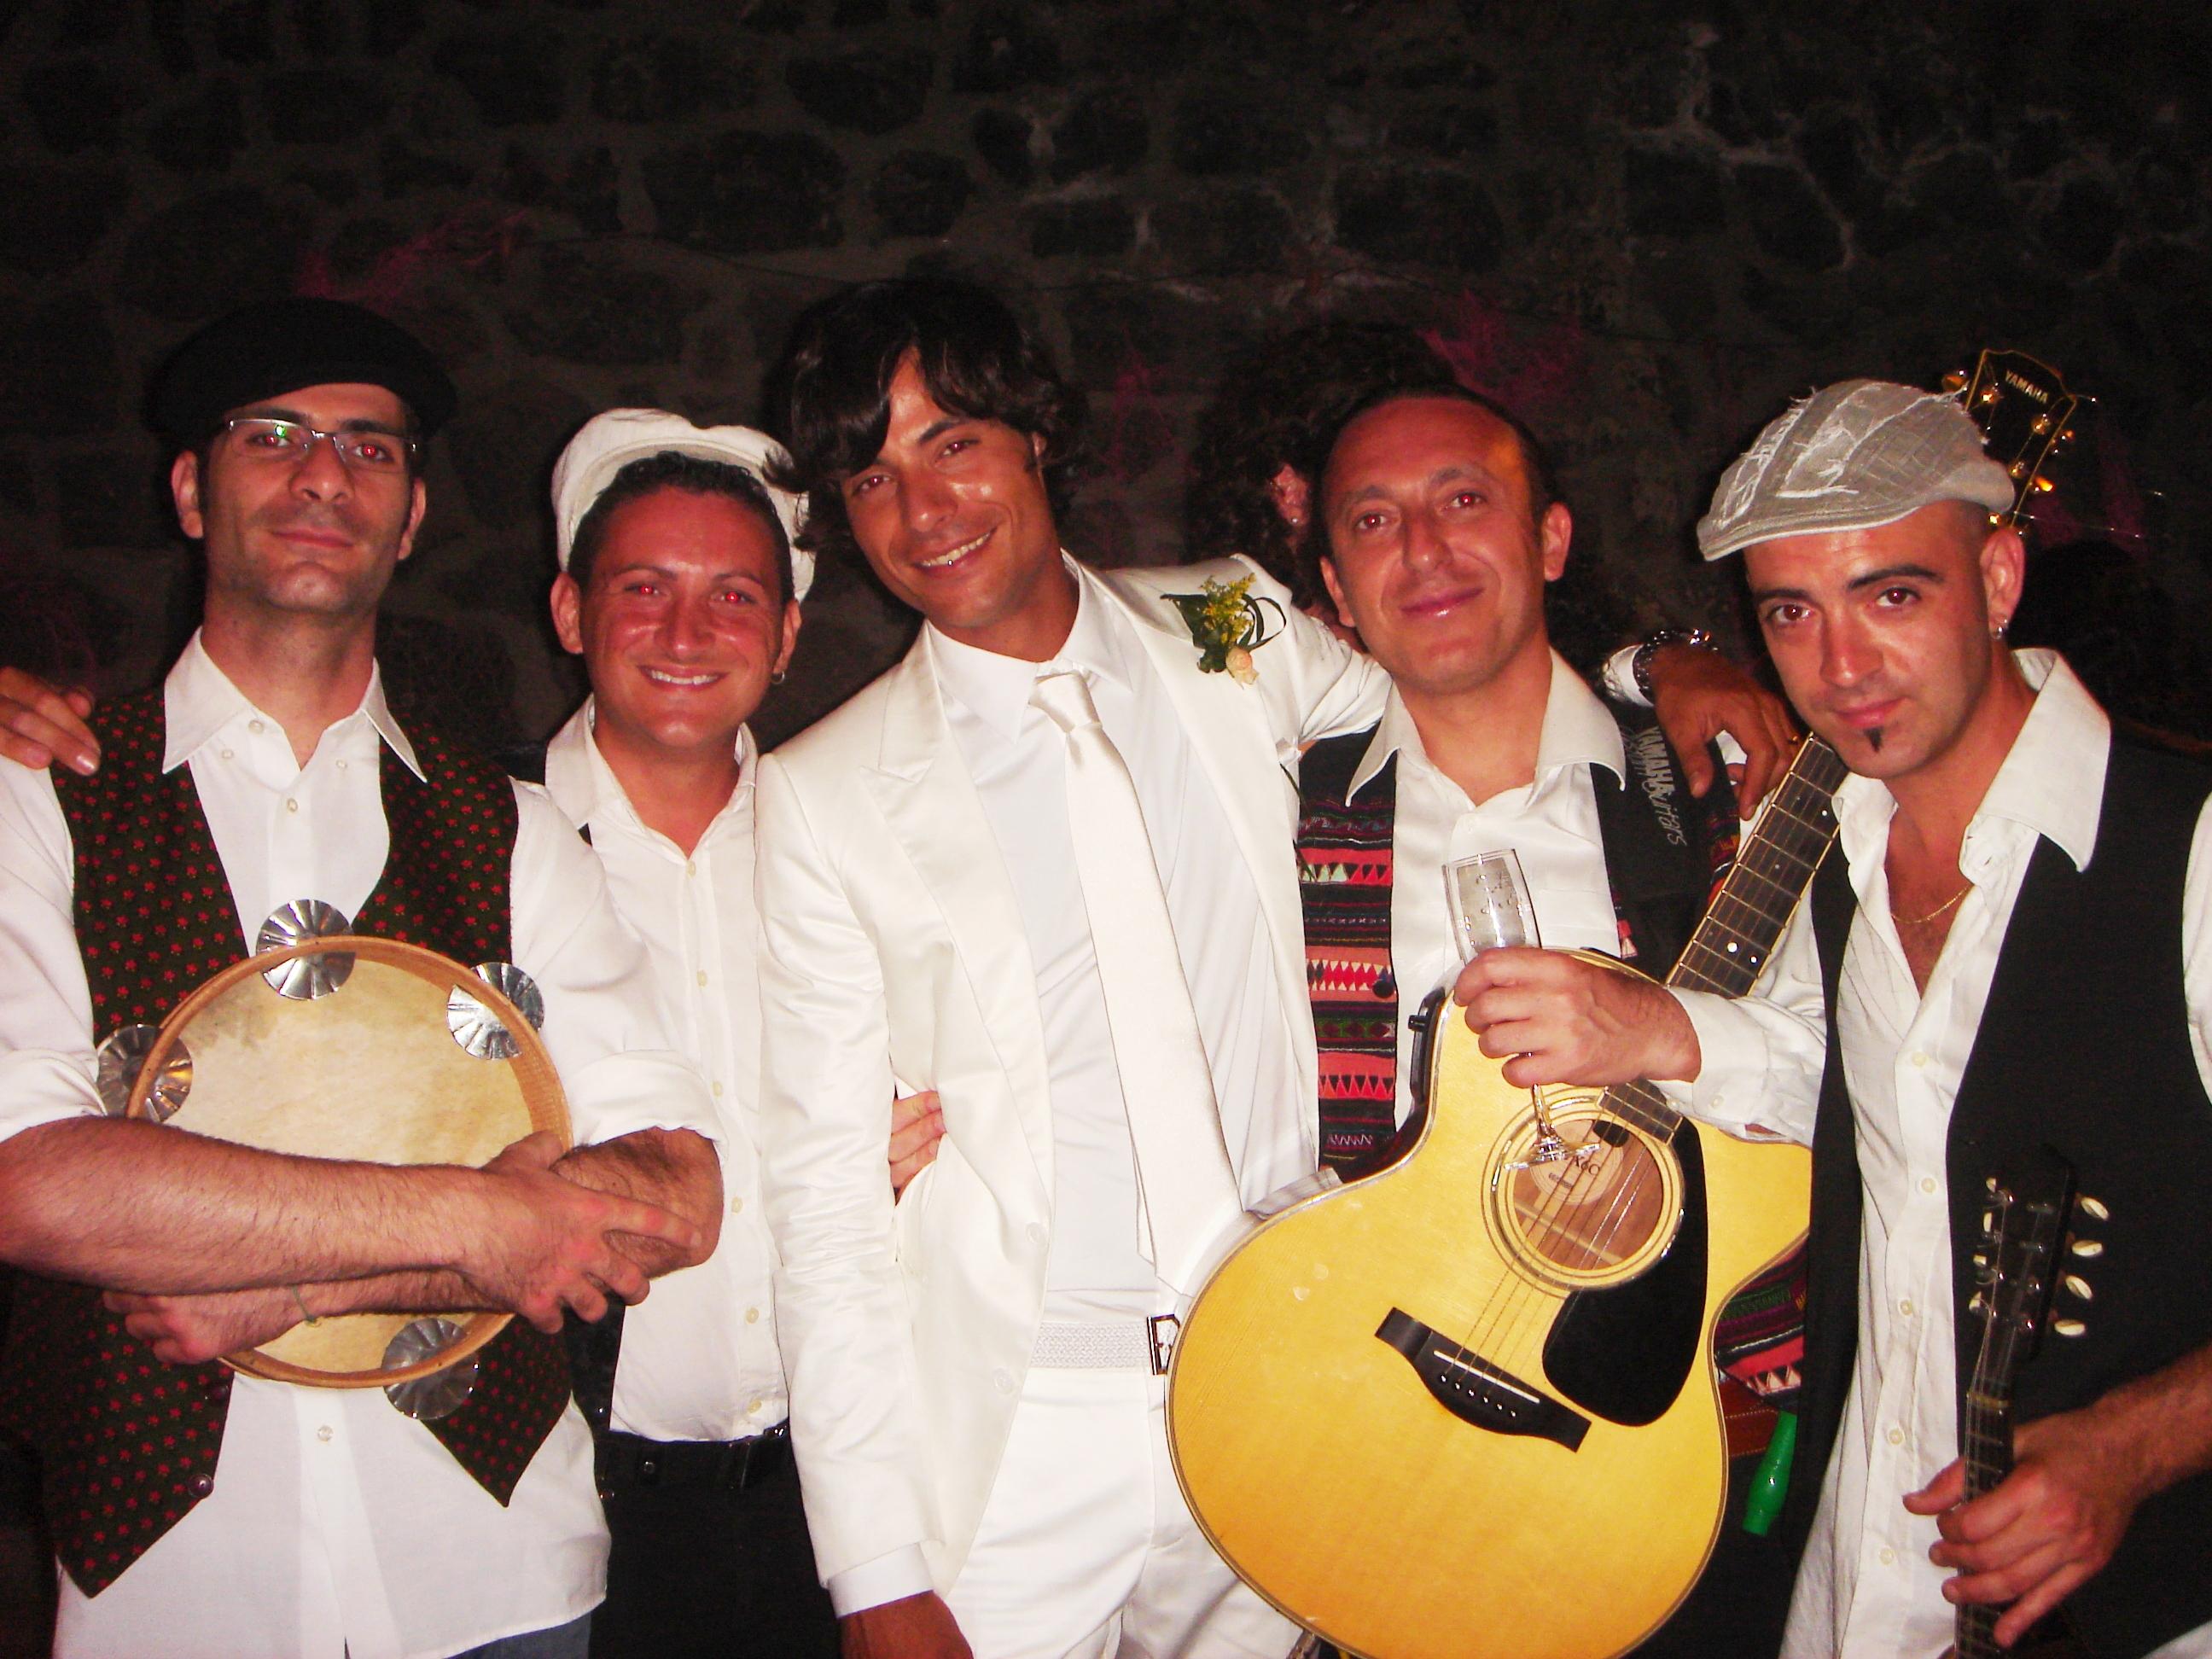 Stromboli - Matrimonio di Luciano Migliori e Giorgia Faro - con lo sposo